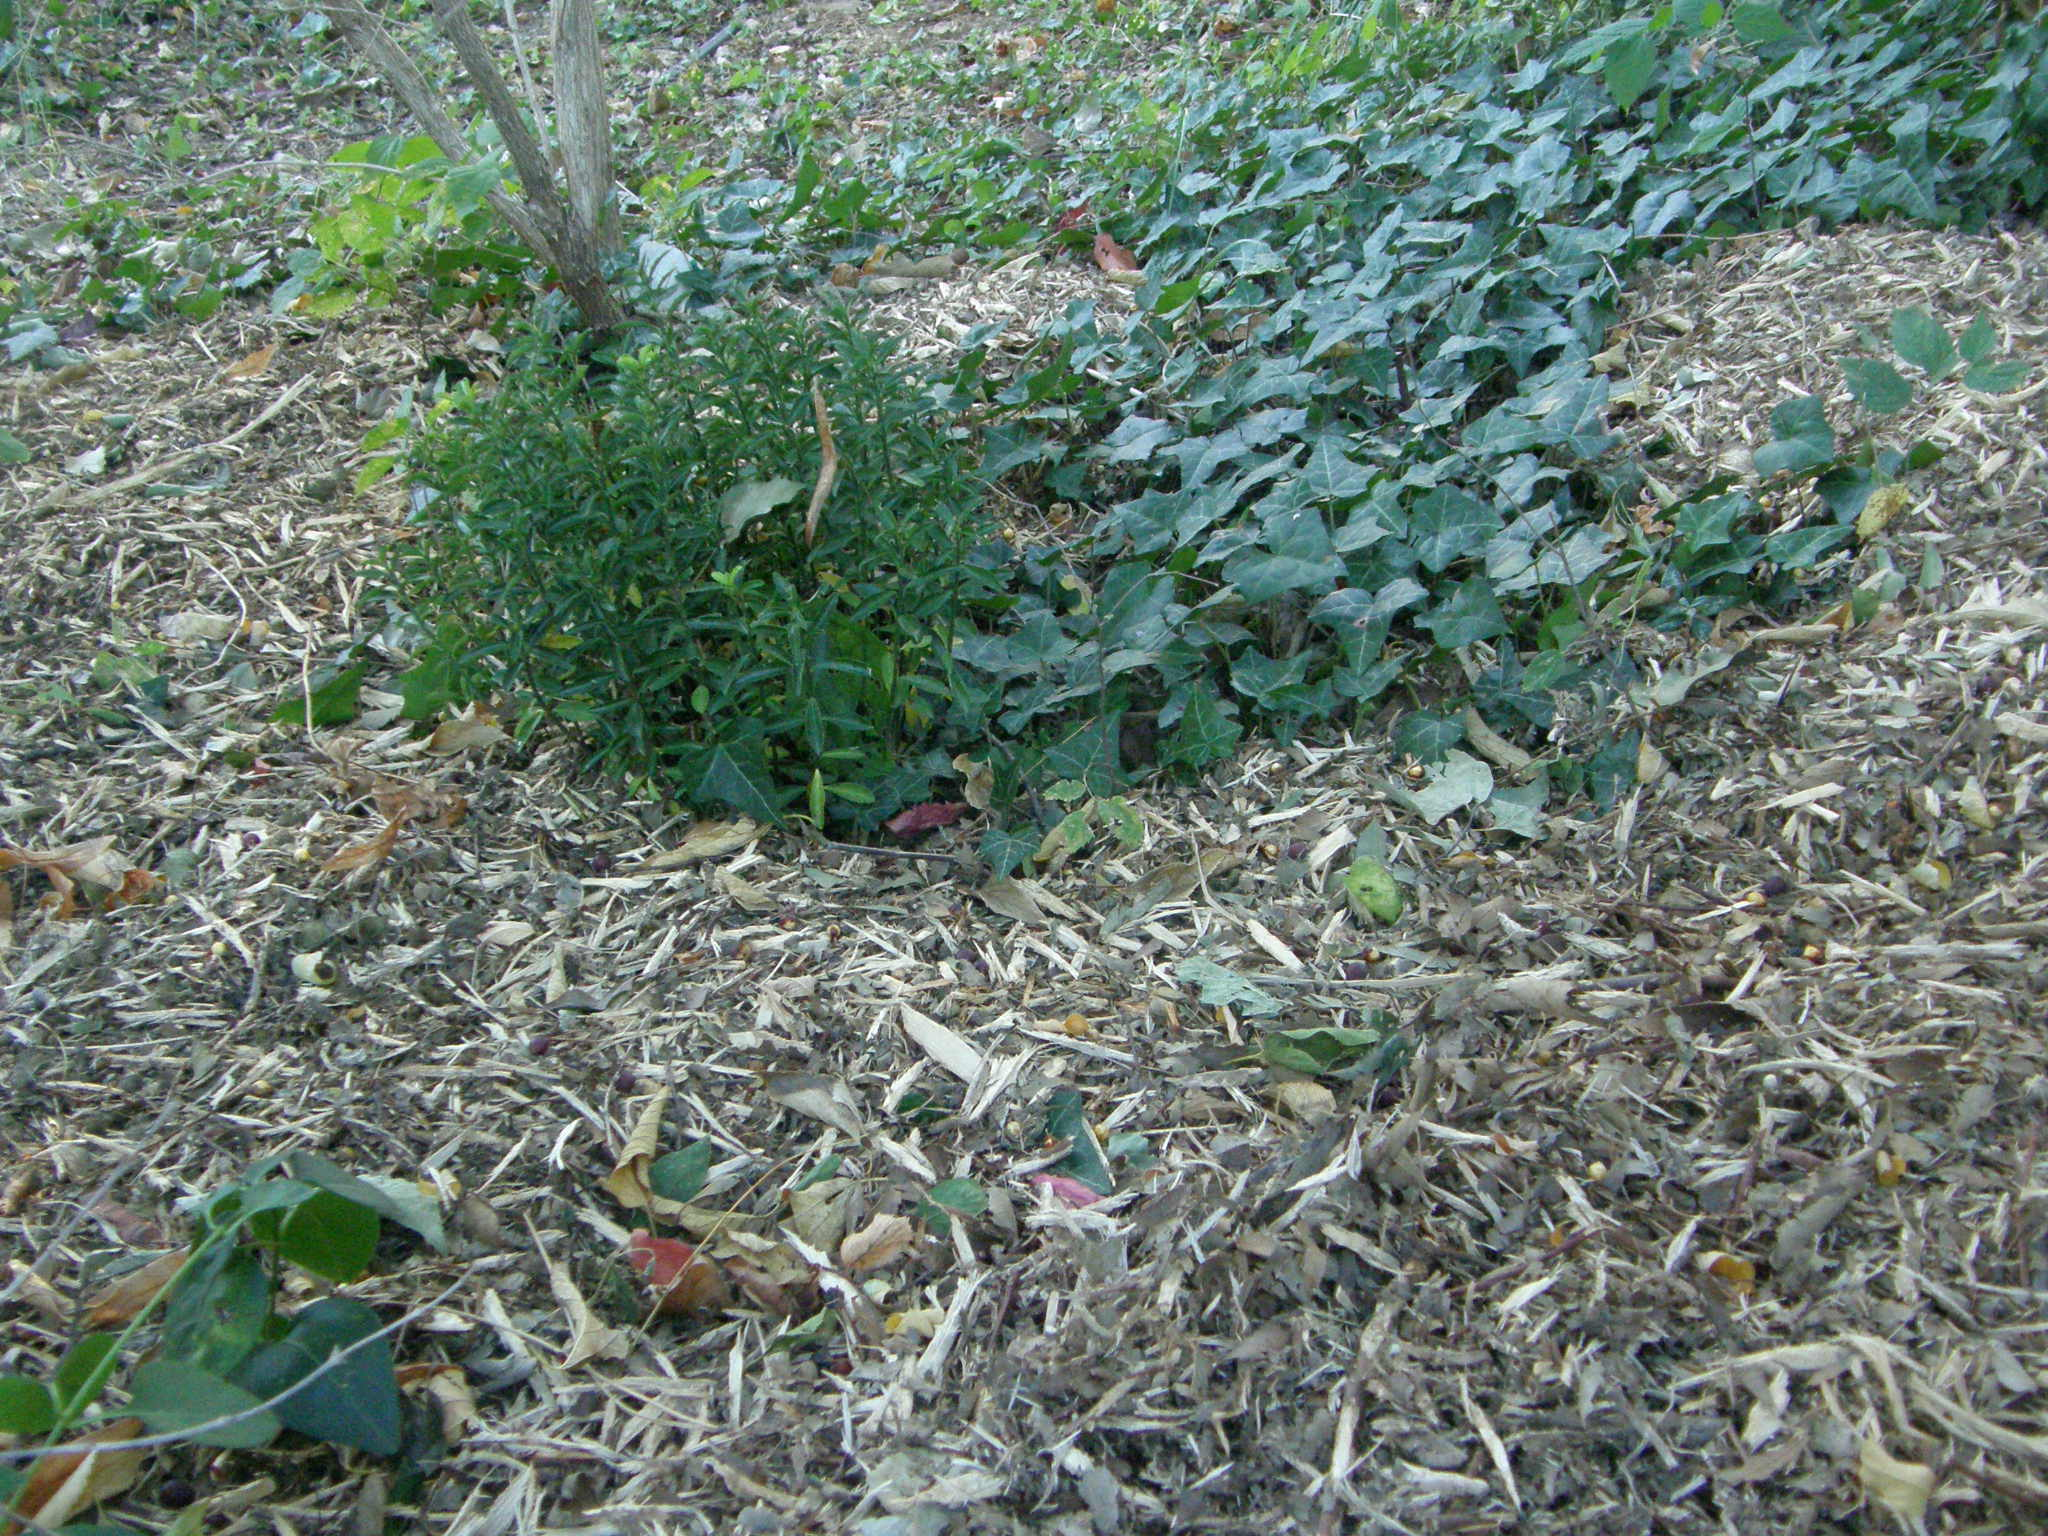 Comment se passer de produits phyto au jardin ? (2)